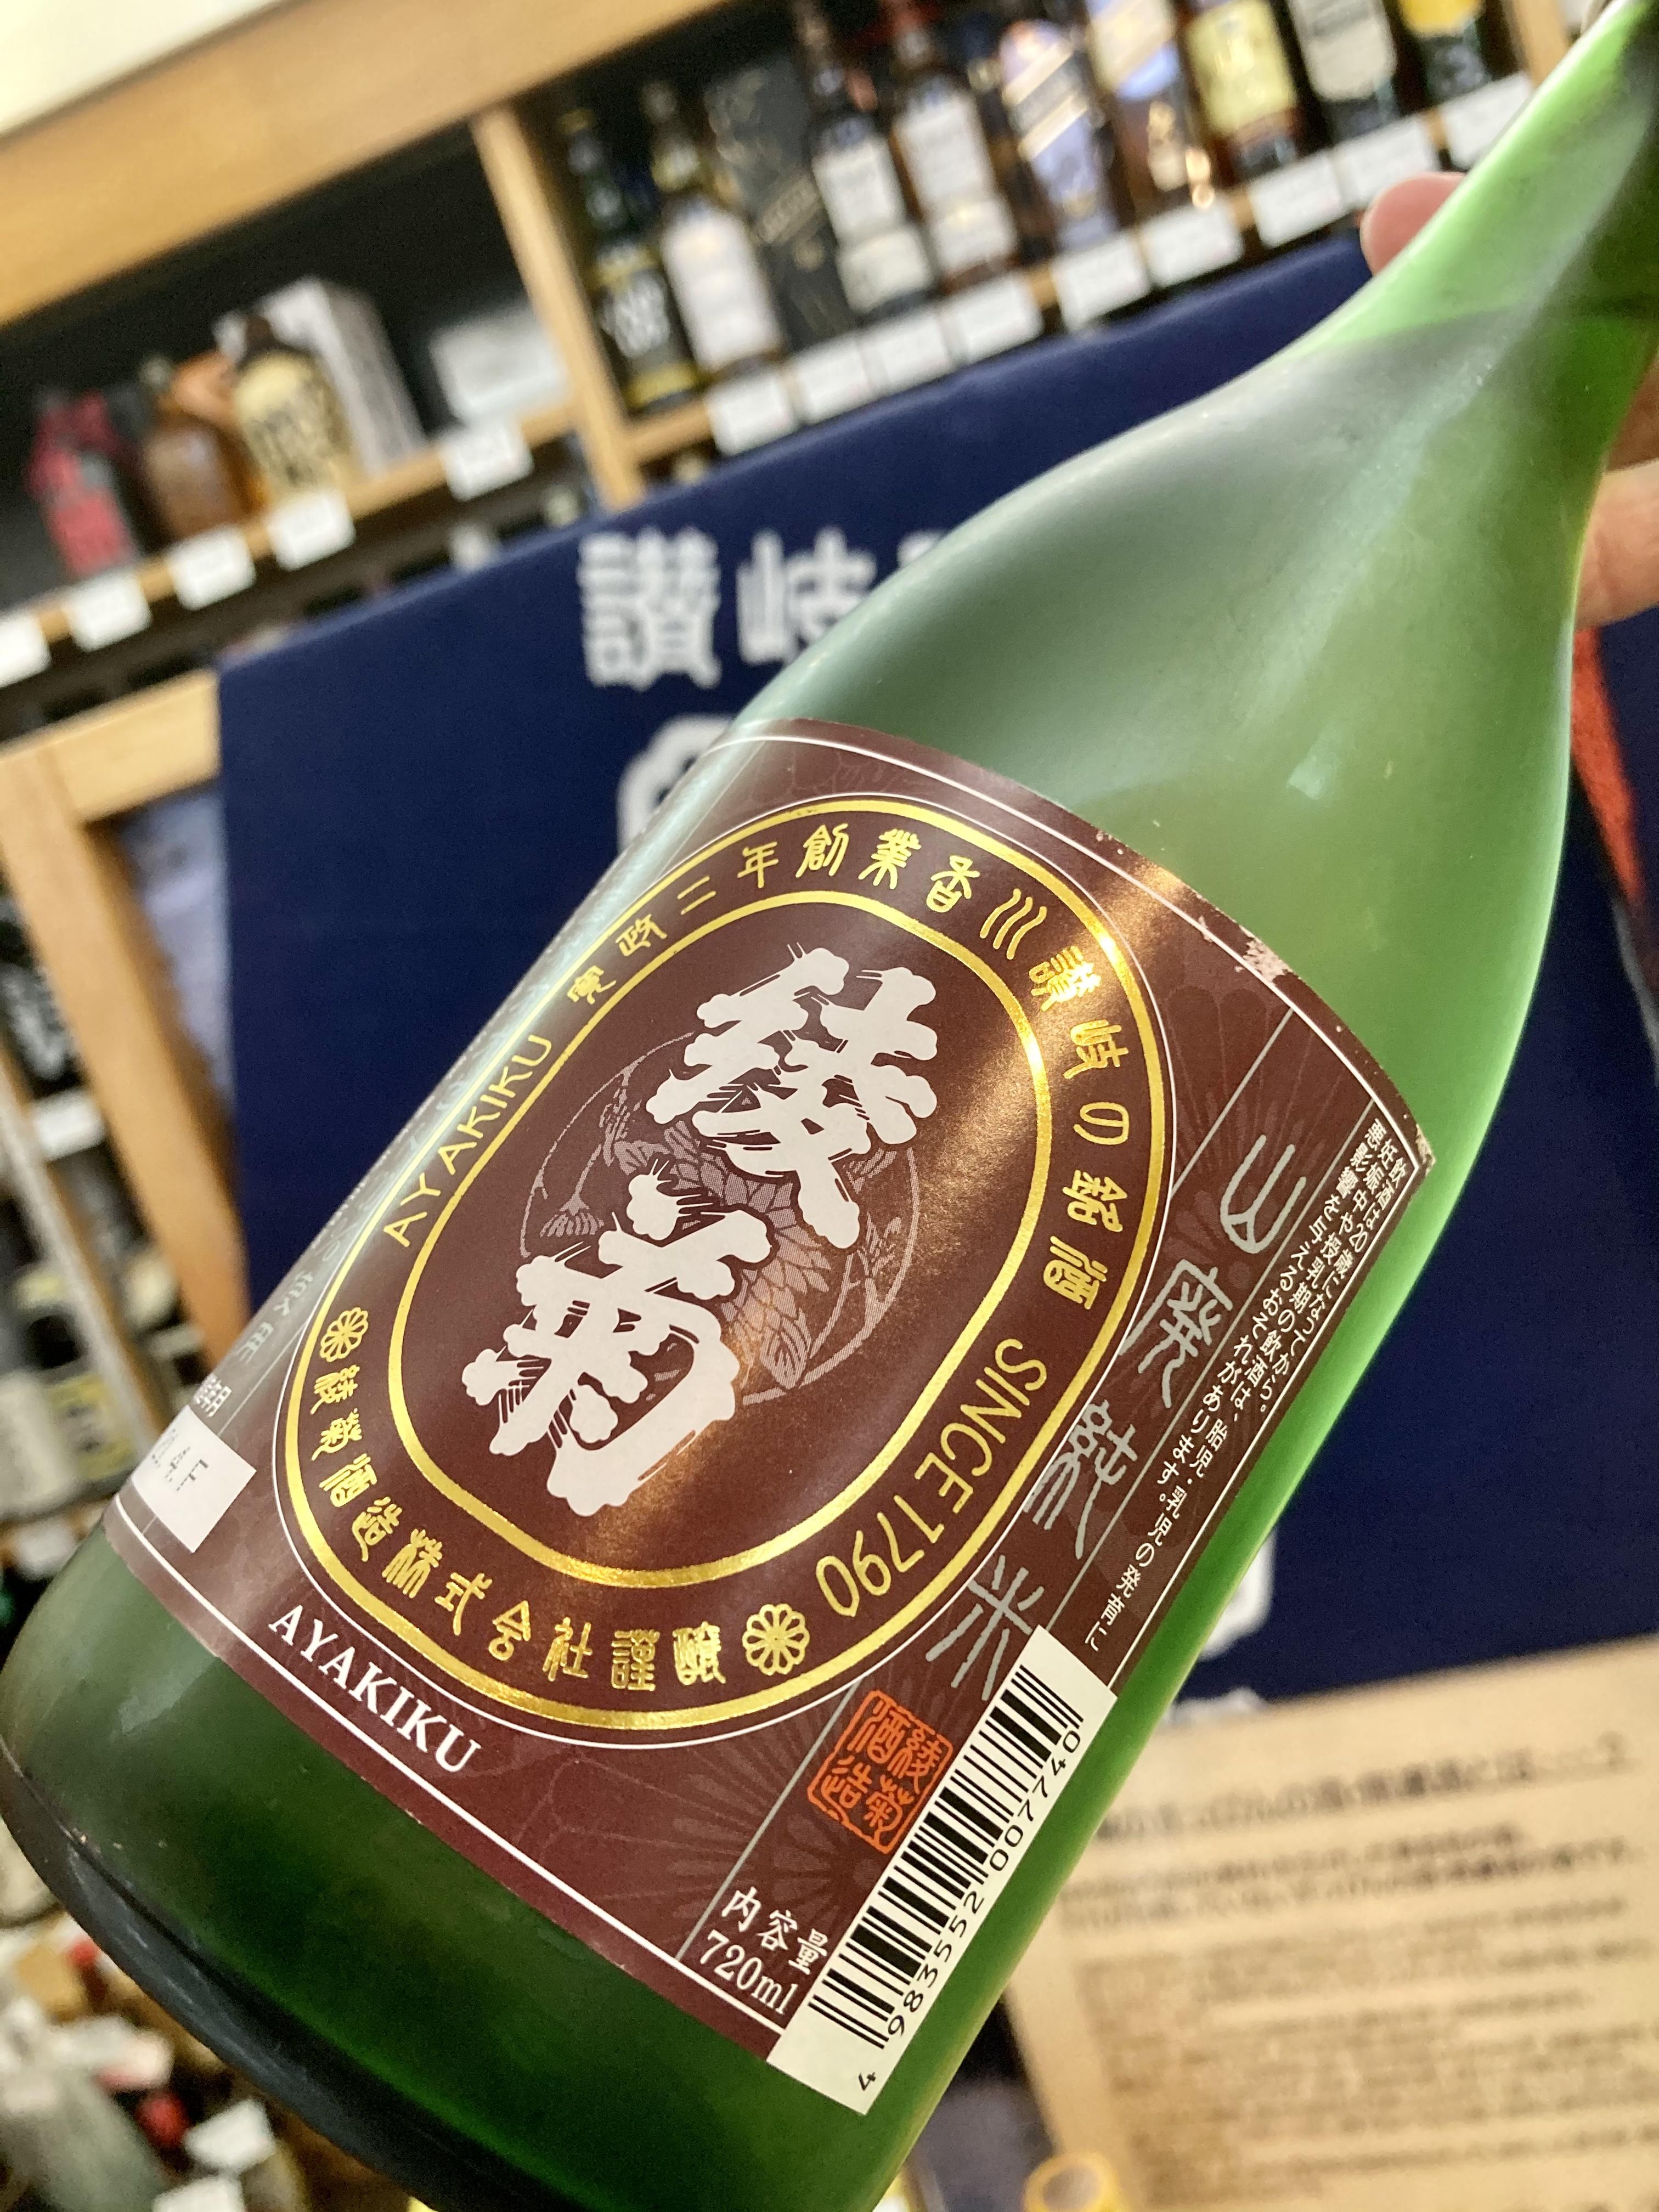 香川県【綾菊酒造】さんより「オオセト」を使用した山廃仕込みの純米酒… 『綾菊 山廃純米』